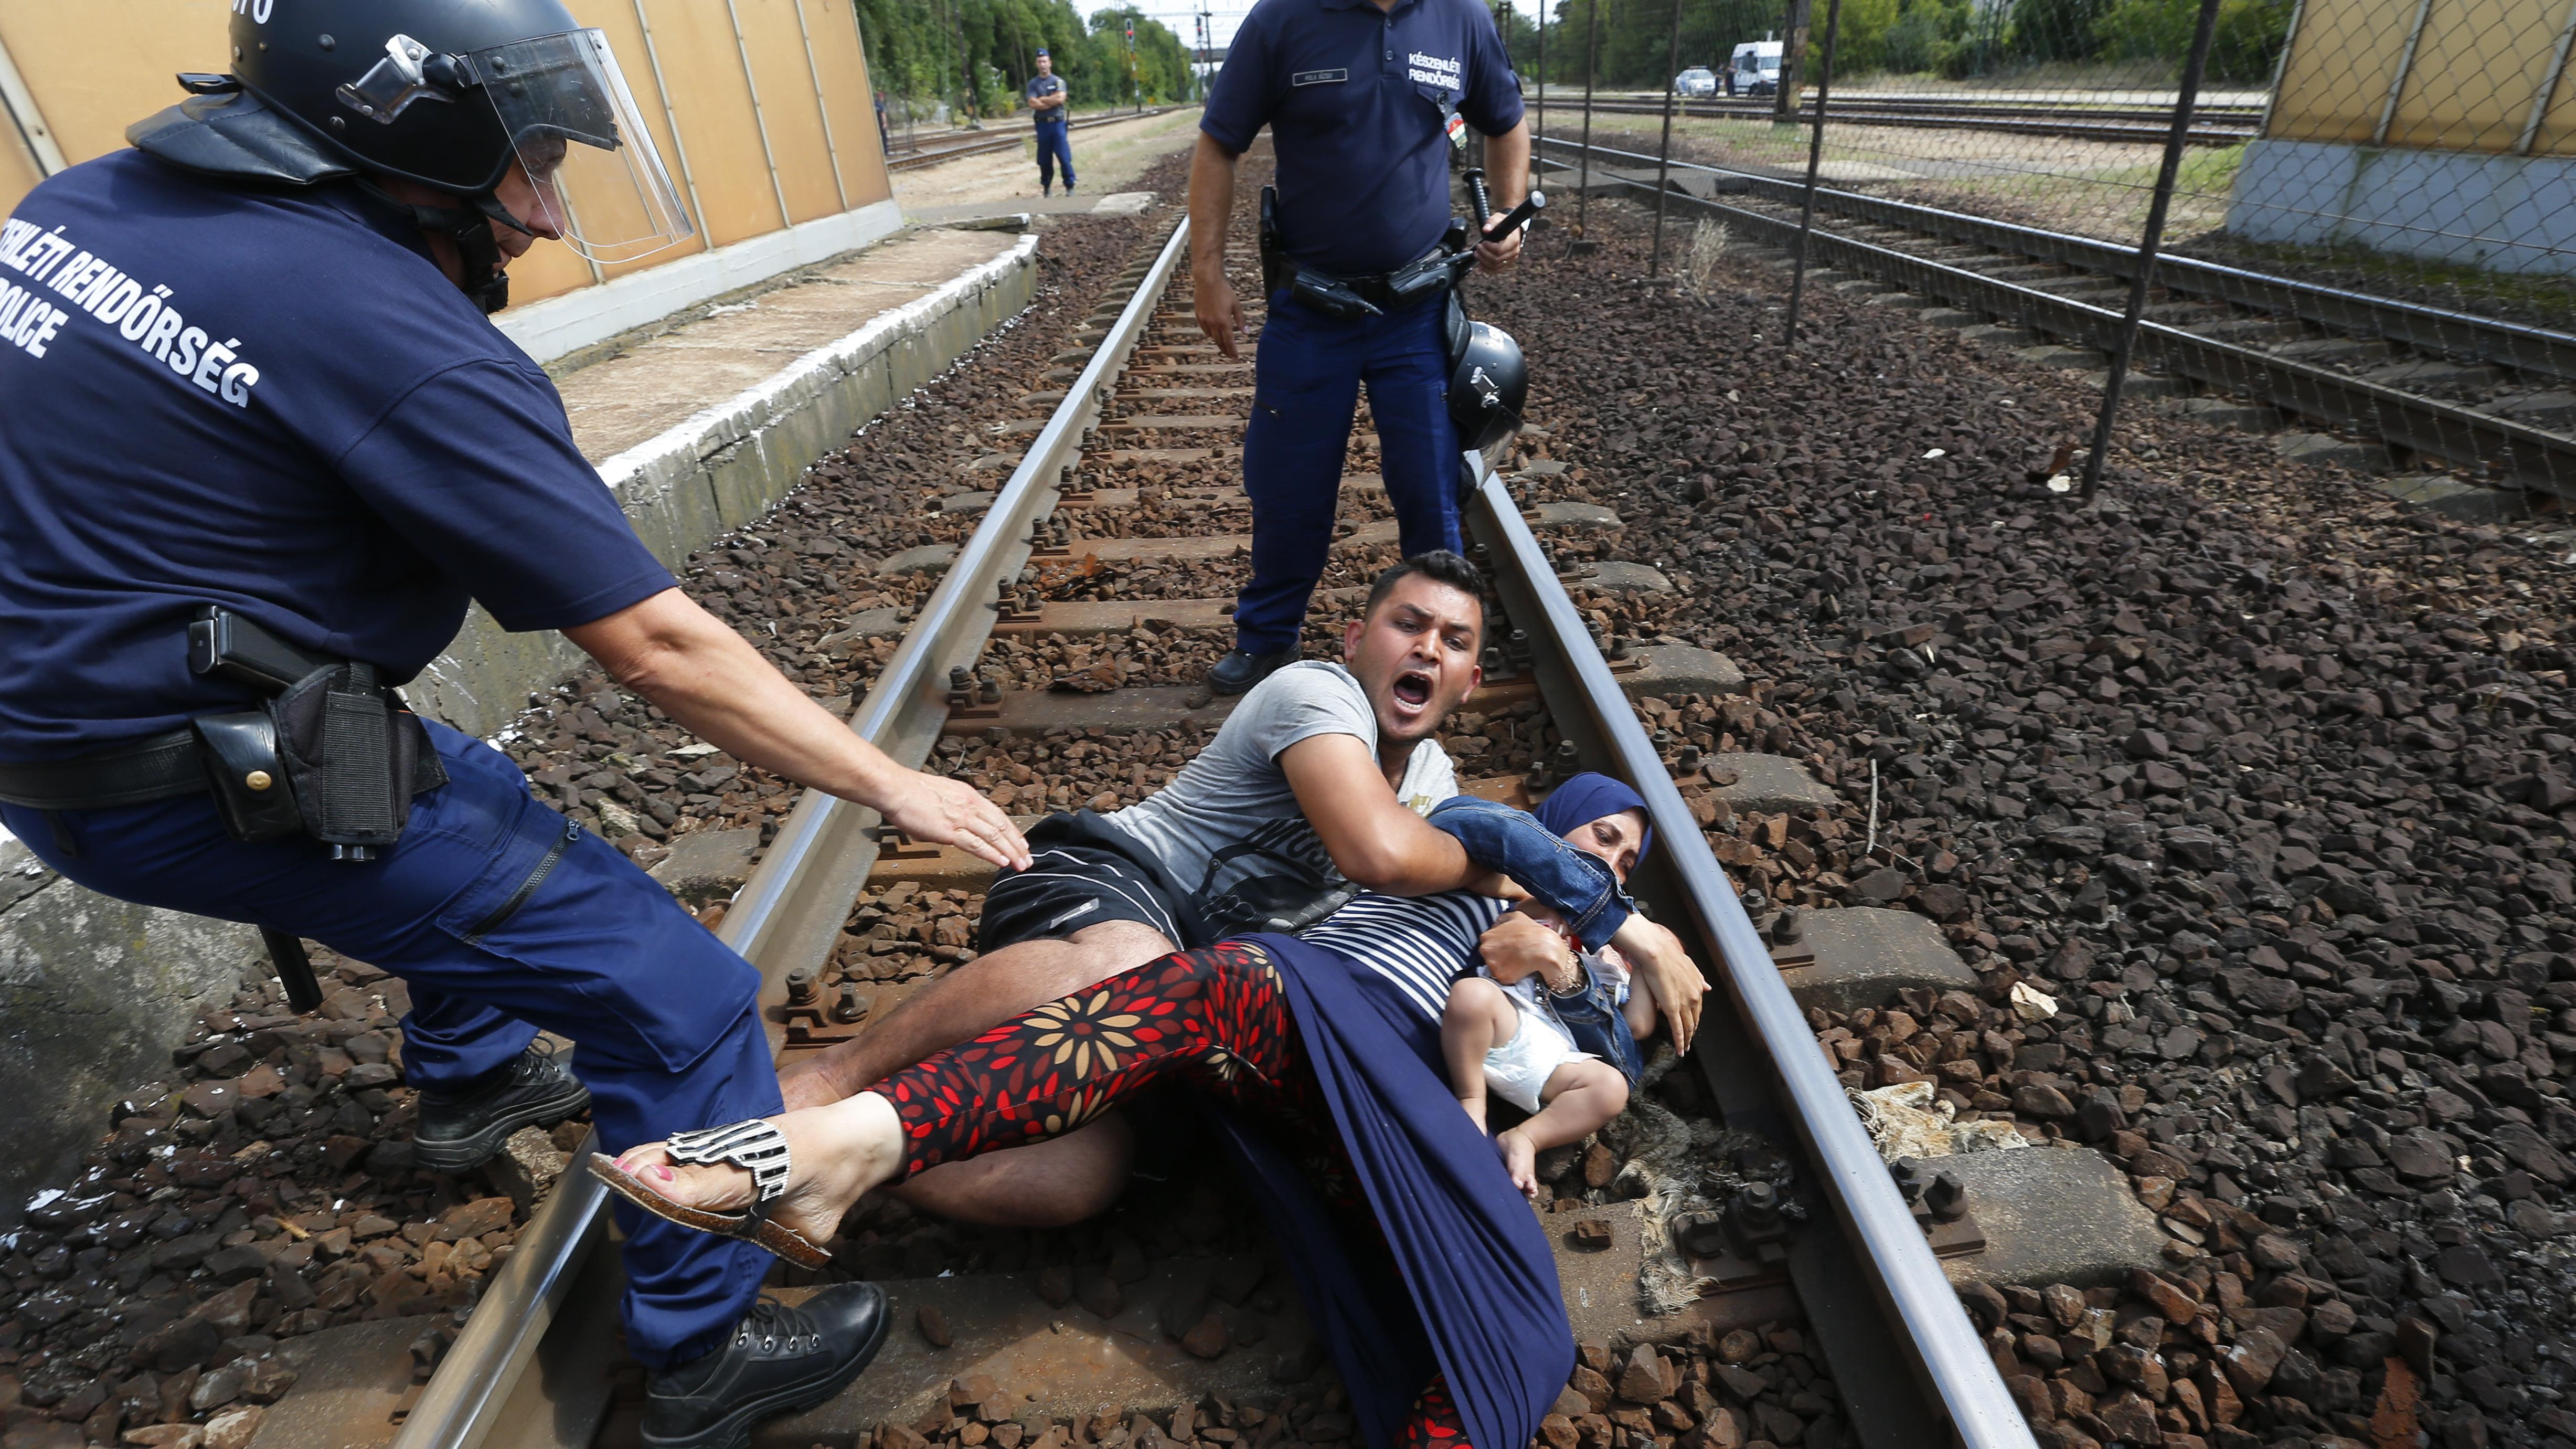 Polizei stoppt Zug voller Flüchtlinge